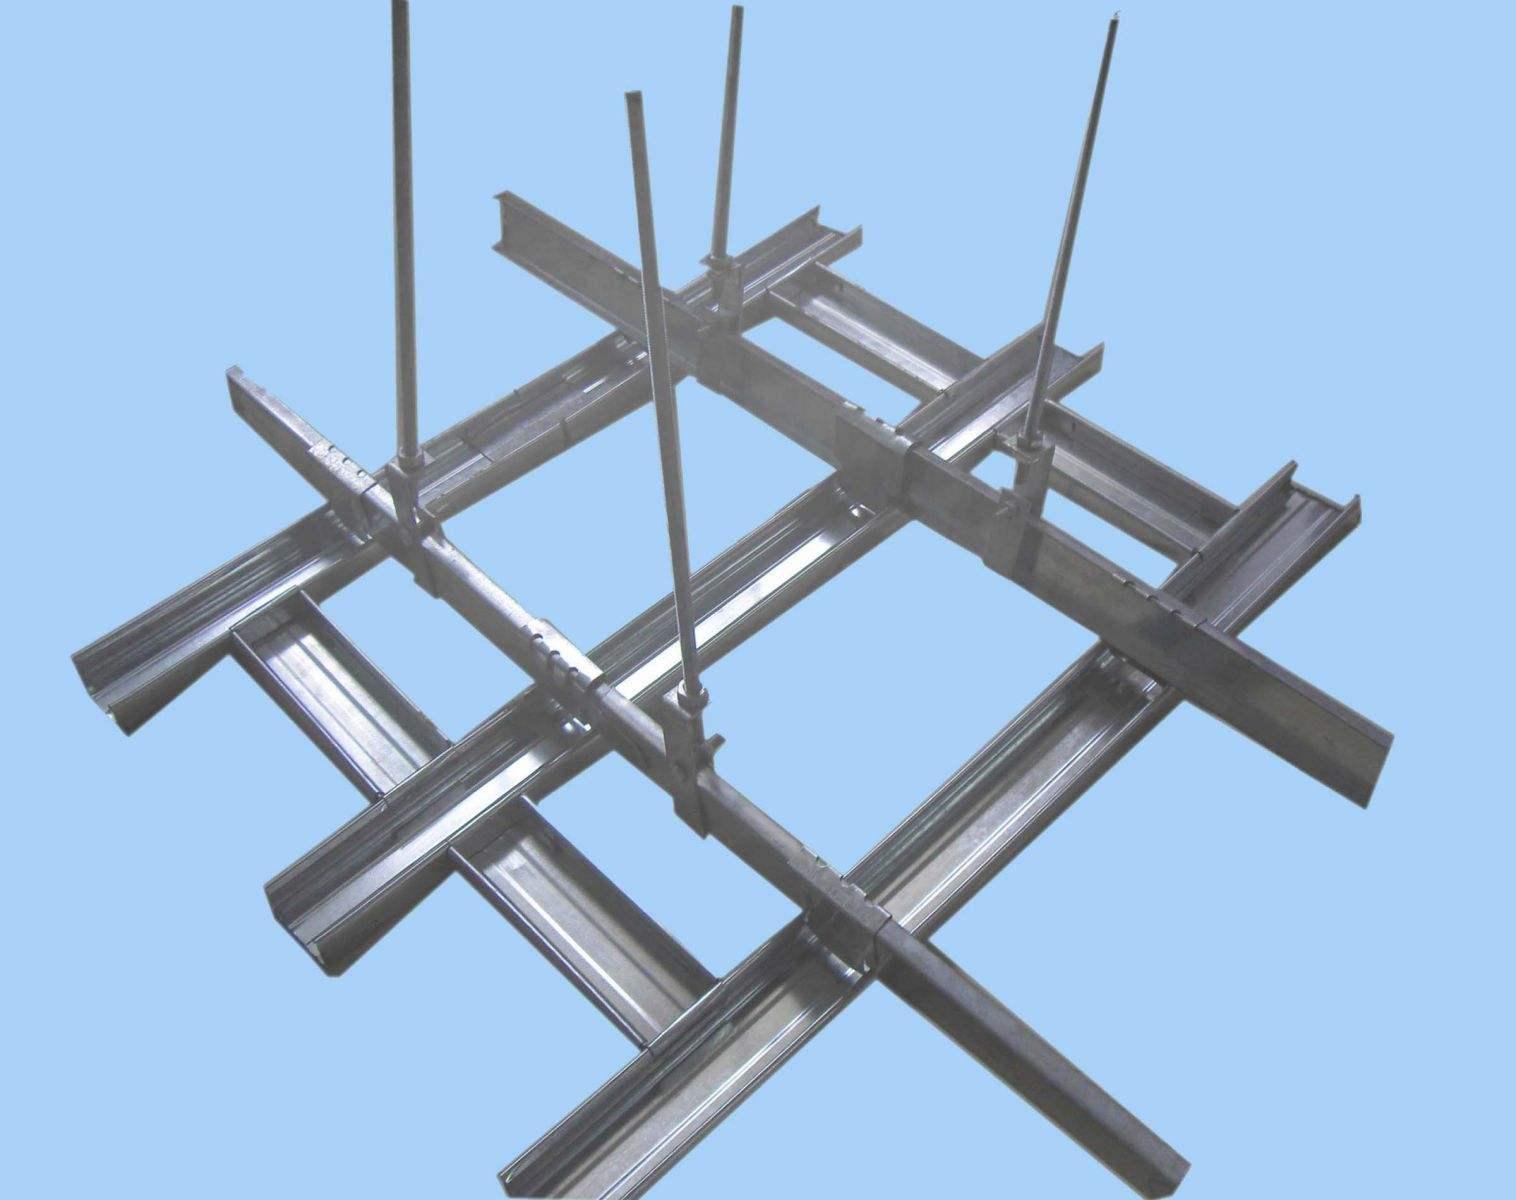 吊顶安装方法有哪些 吊顶安装方法详解